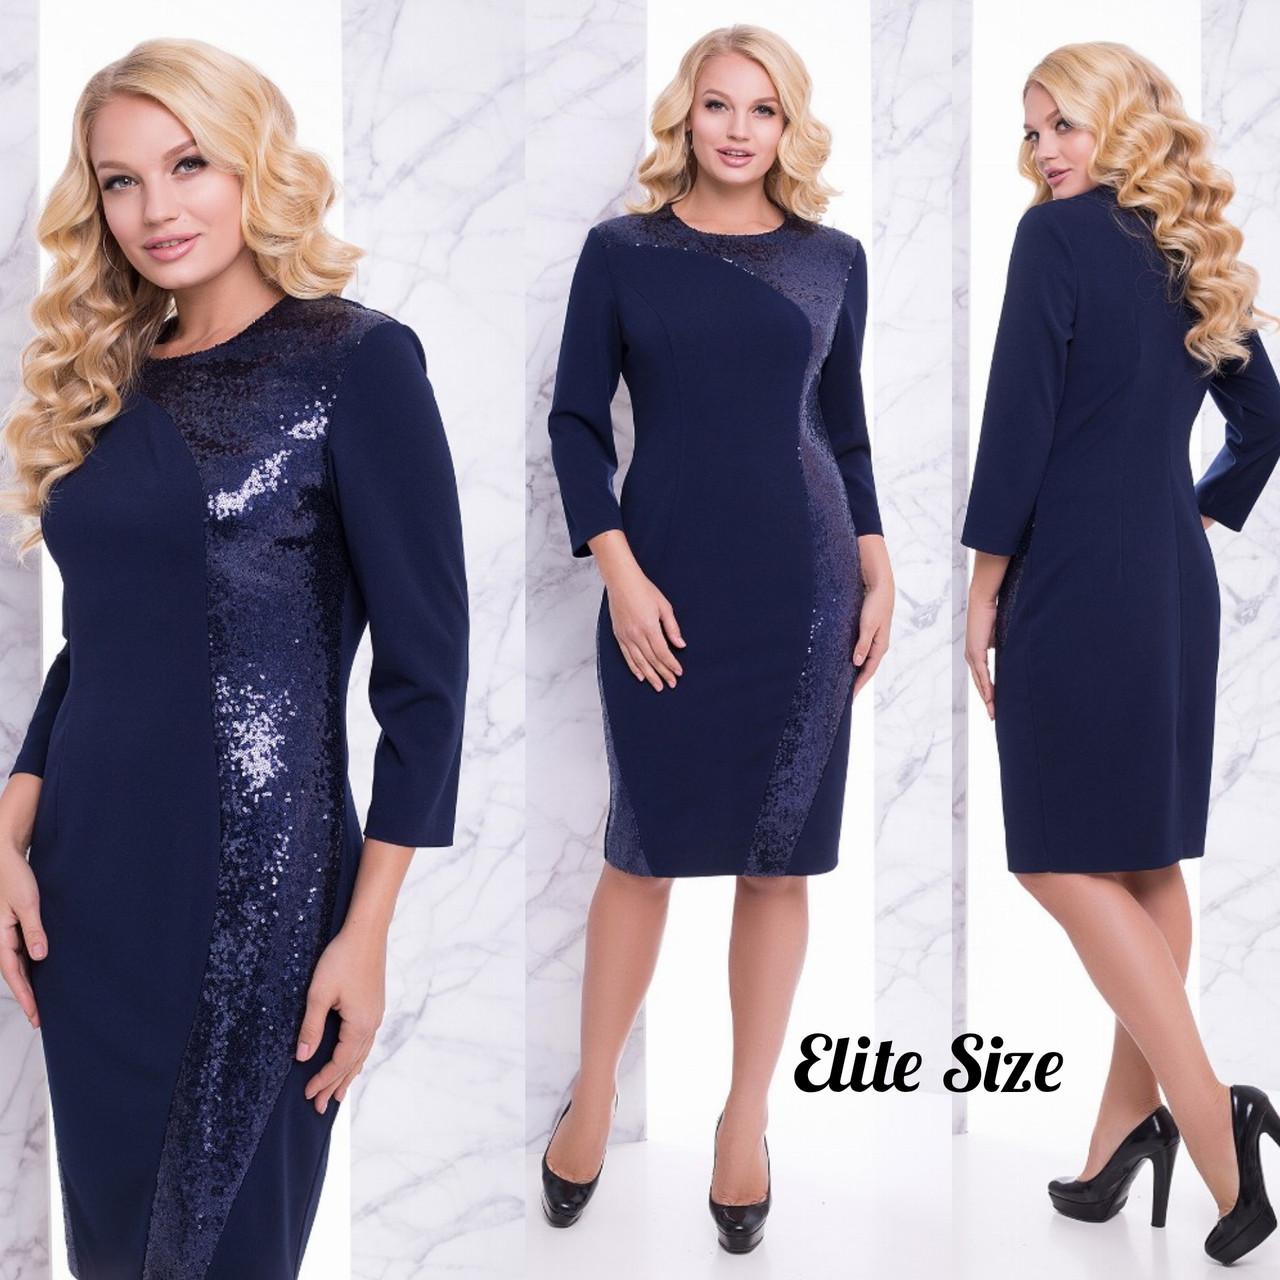 Облегающее платье с вставками пайетки в больших размерах 6blr1329